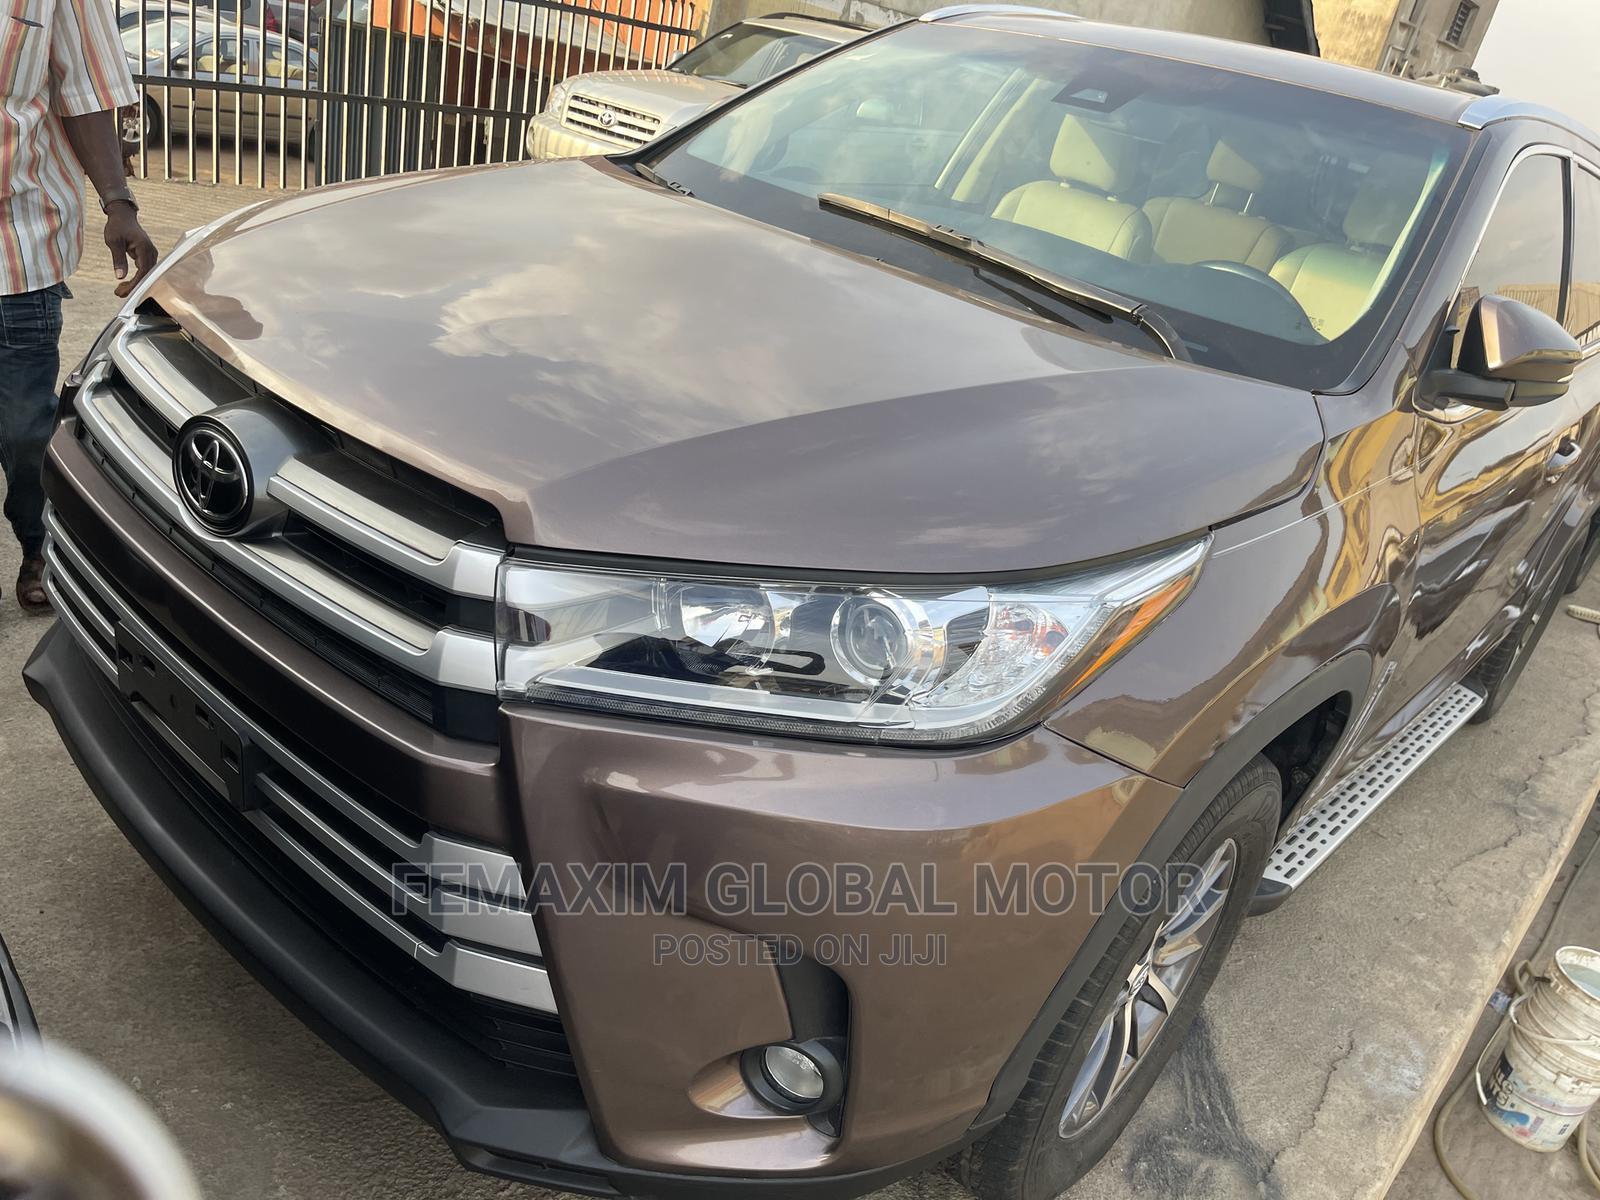 Toyota Highlander 2017 XLE 4x4 V6 (3.5L 6cyl 8A) Brown